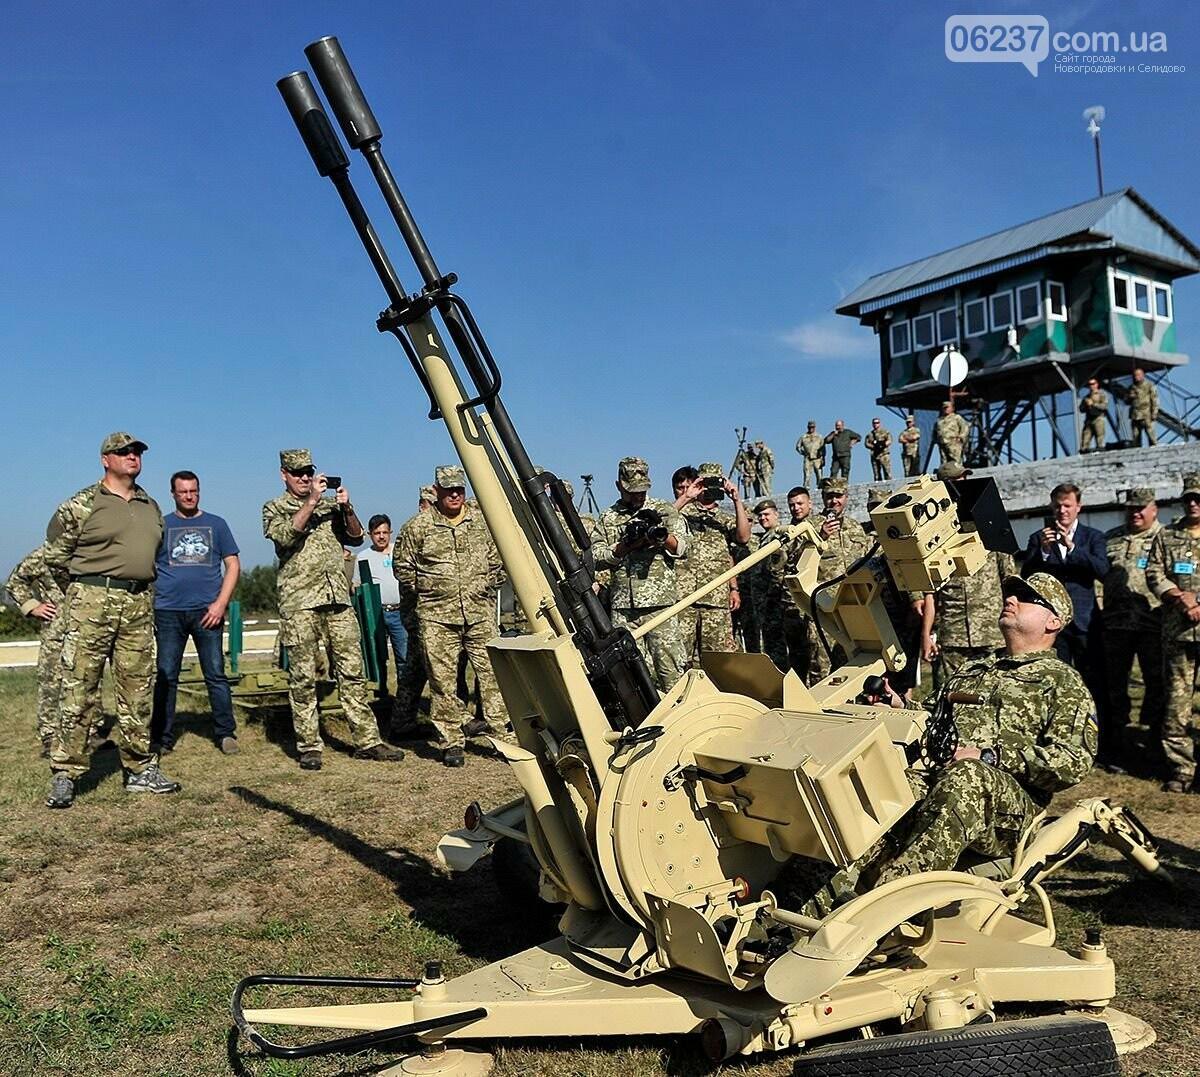 Украина показала впечатляющие кадры испытаний новой техники, фото-2